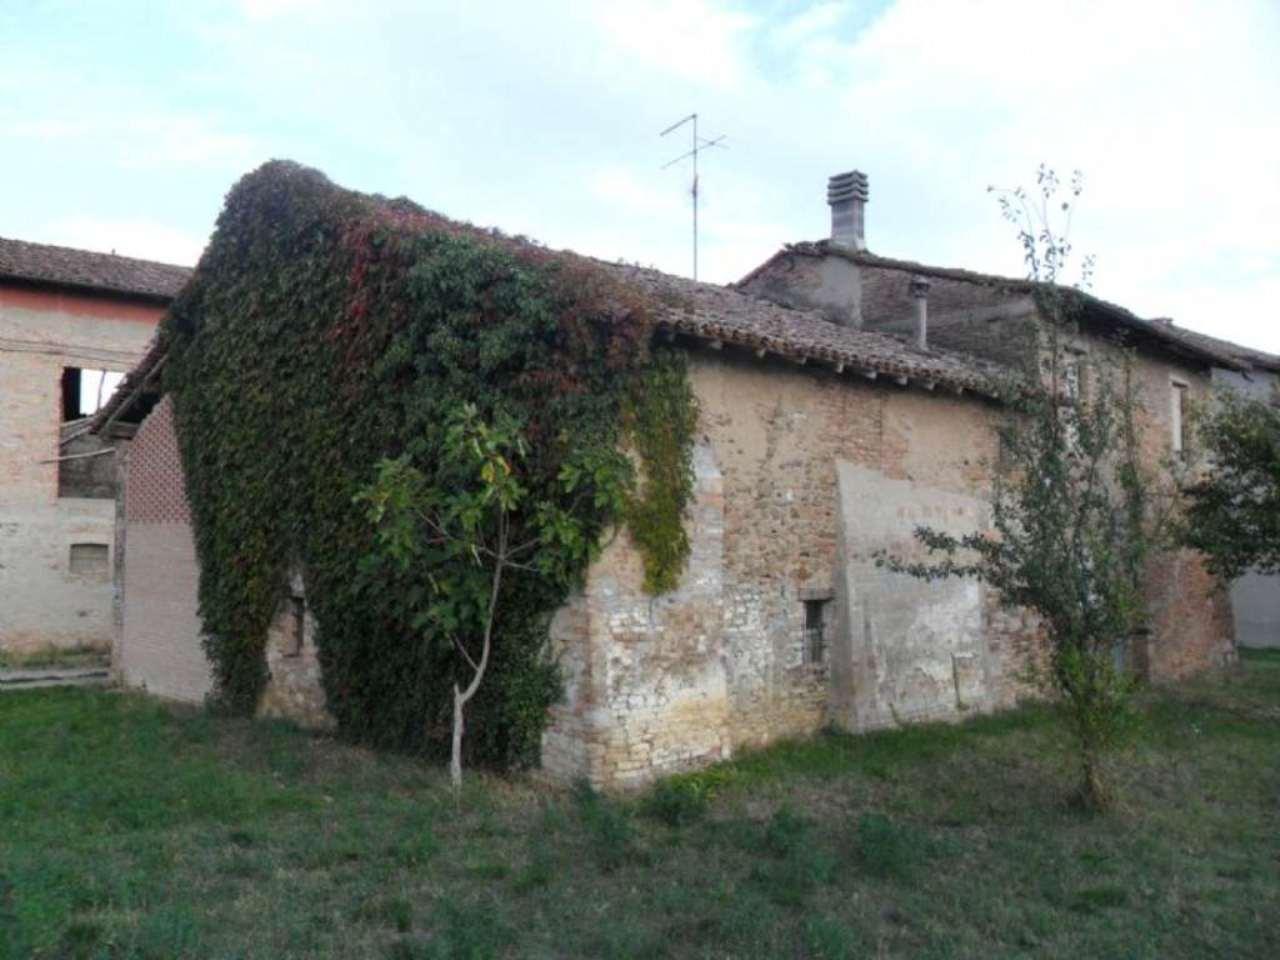 Rustico / Casale in vendita a Medesano, 6 locali, Trattative riservate | Cambio Casa.it